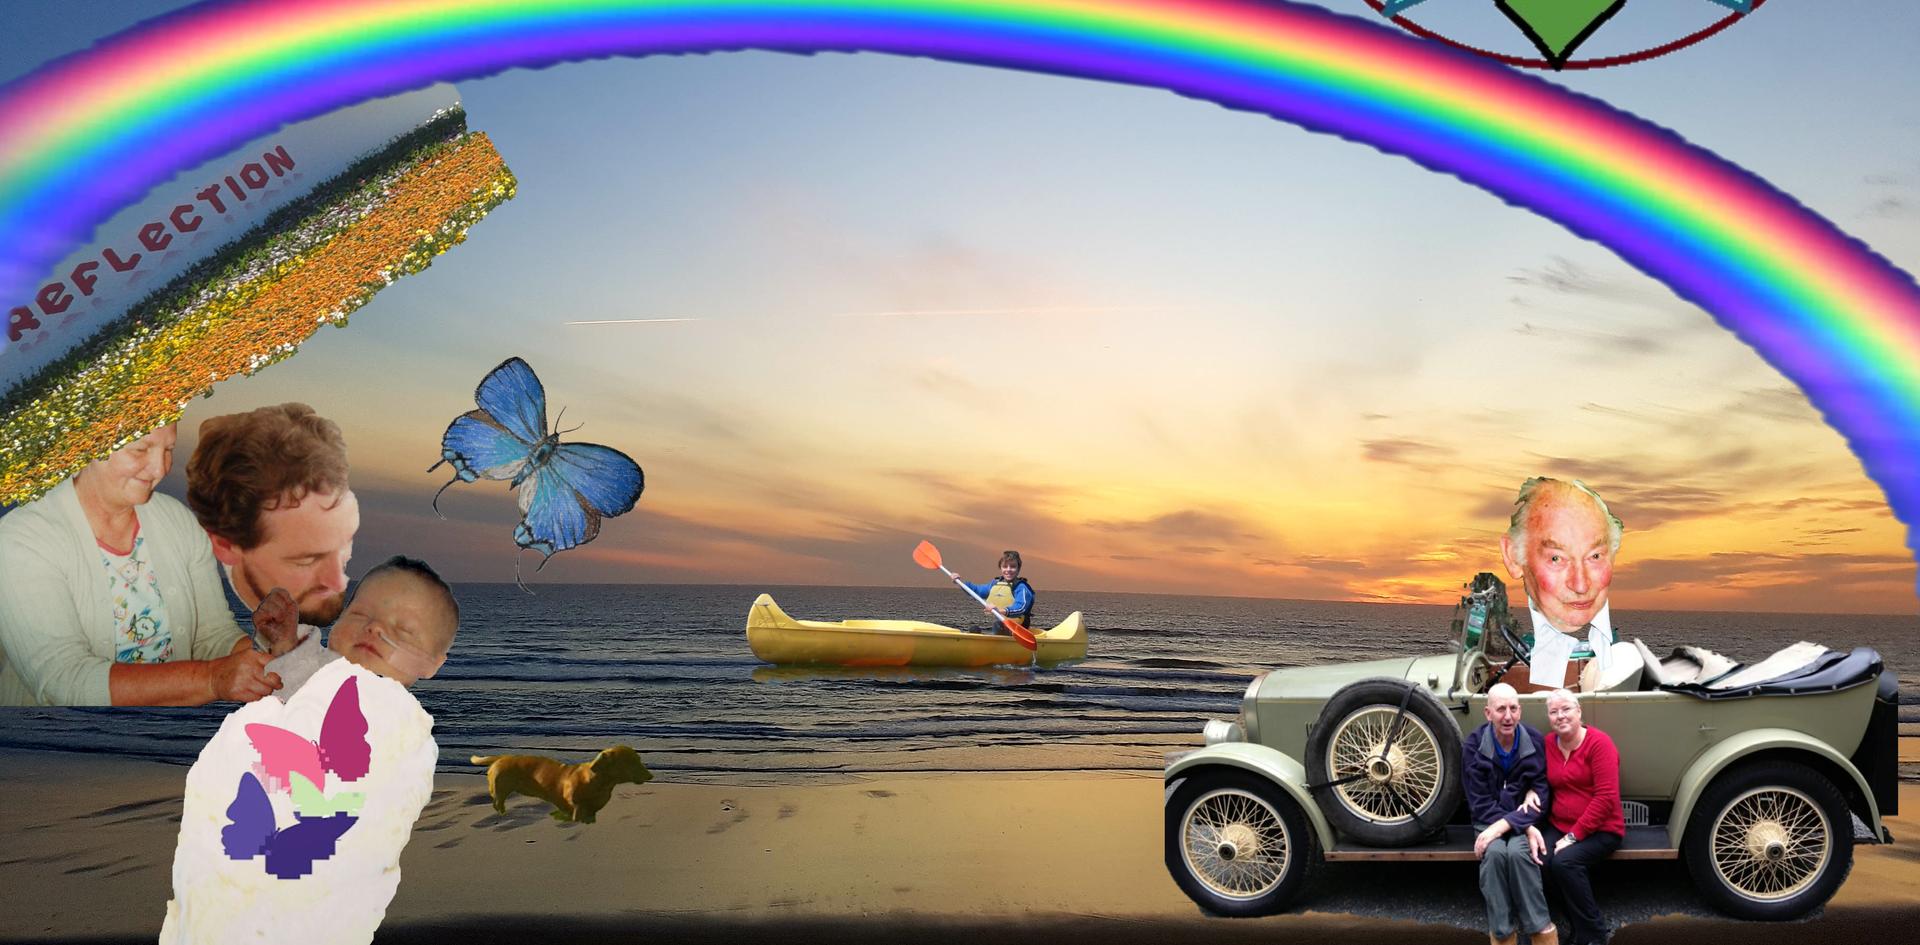 Dreamscape - GB.png